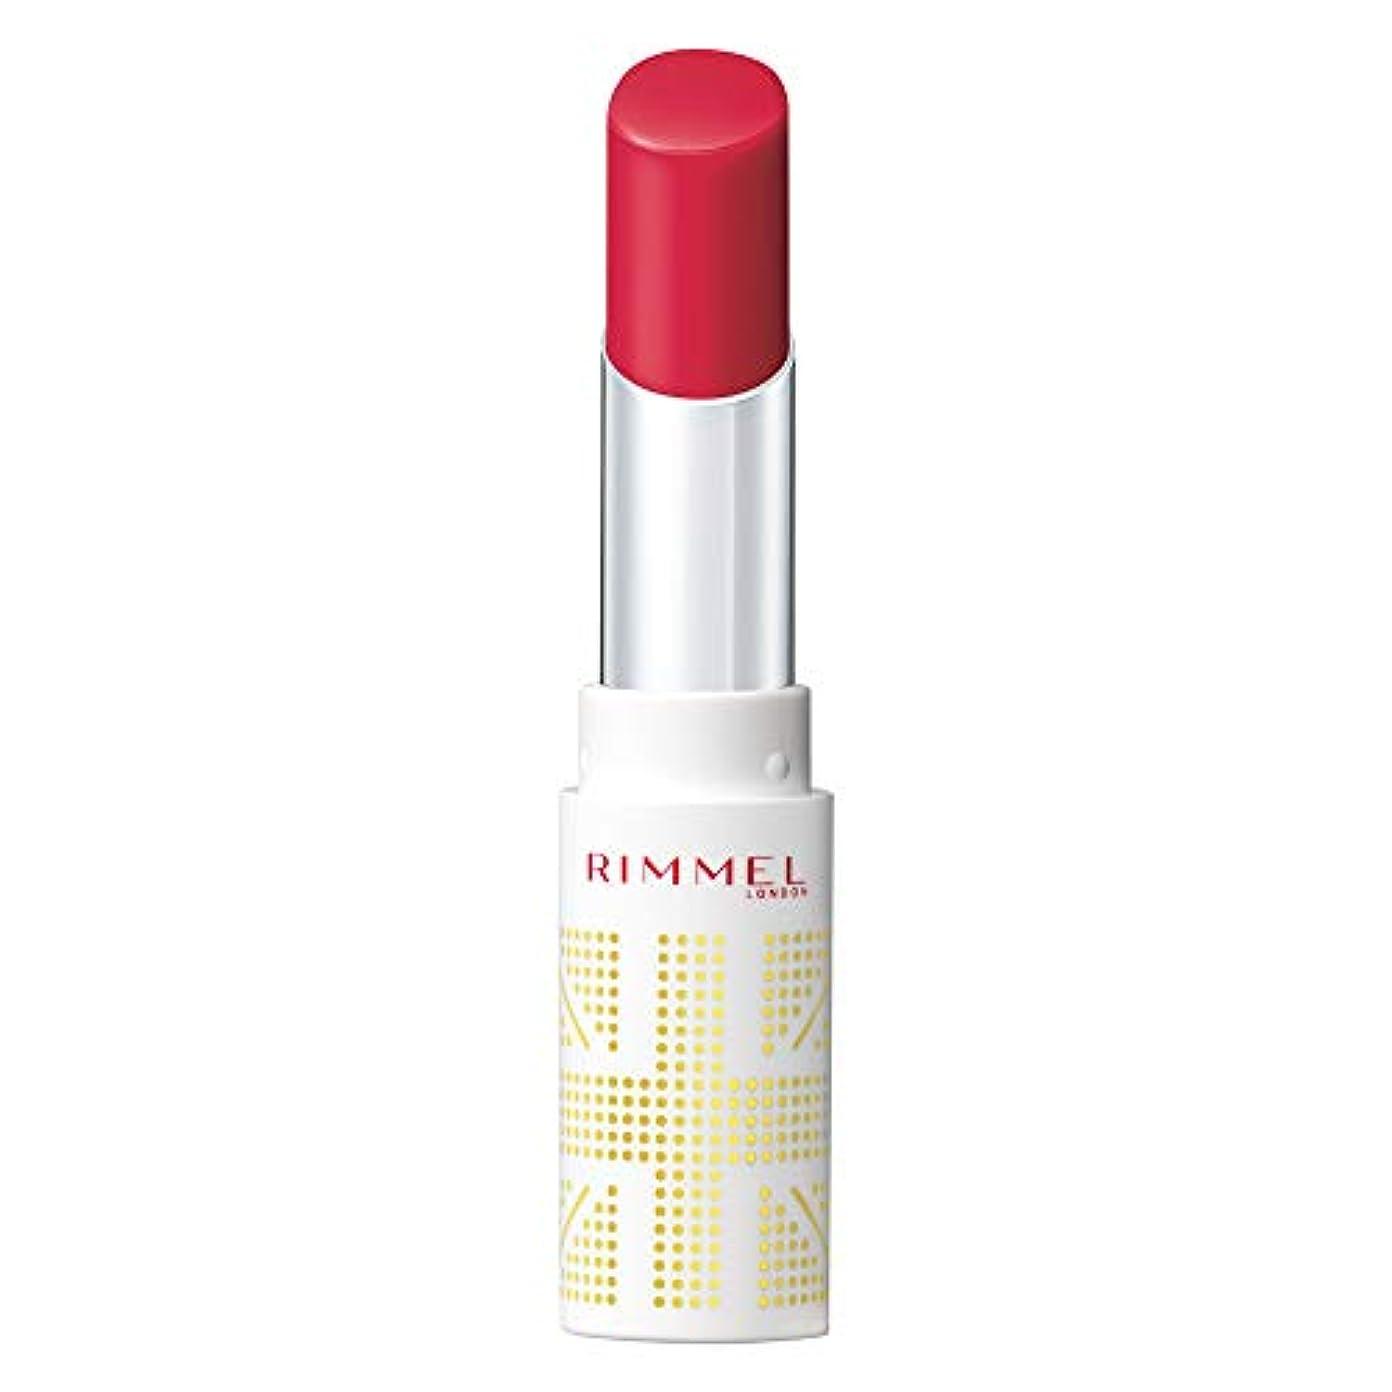 洪水進化取り組むRimmel (リンメル) リンメル ラスティングフィニッシュ オイルティントリップ 001 ベリーピンク 3.8g 口紅